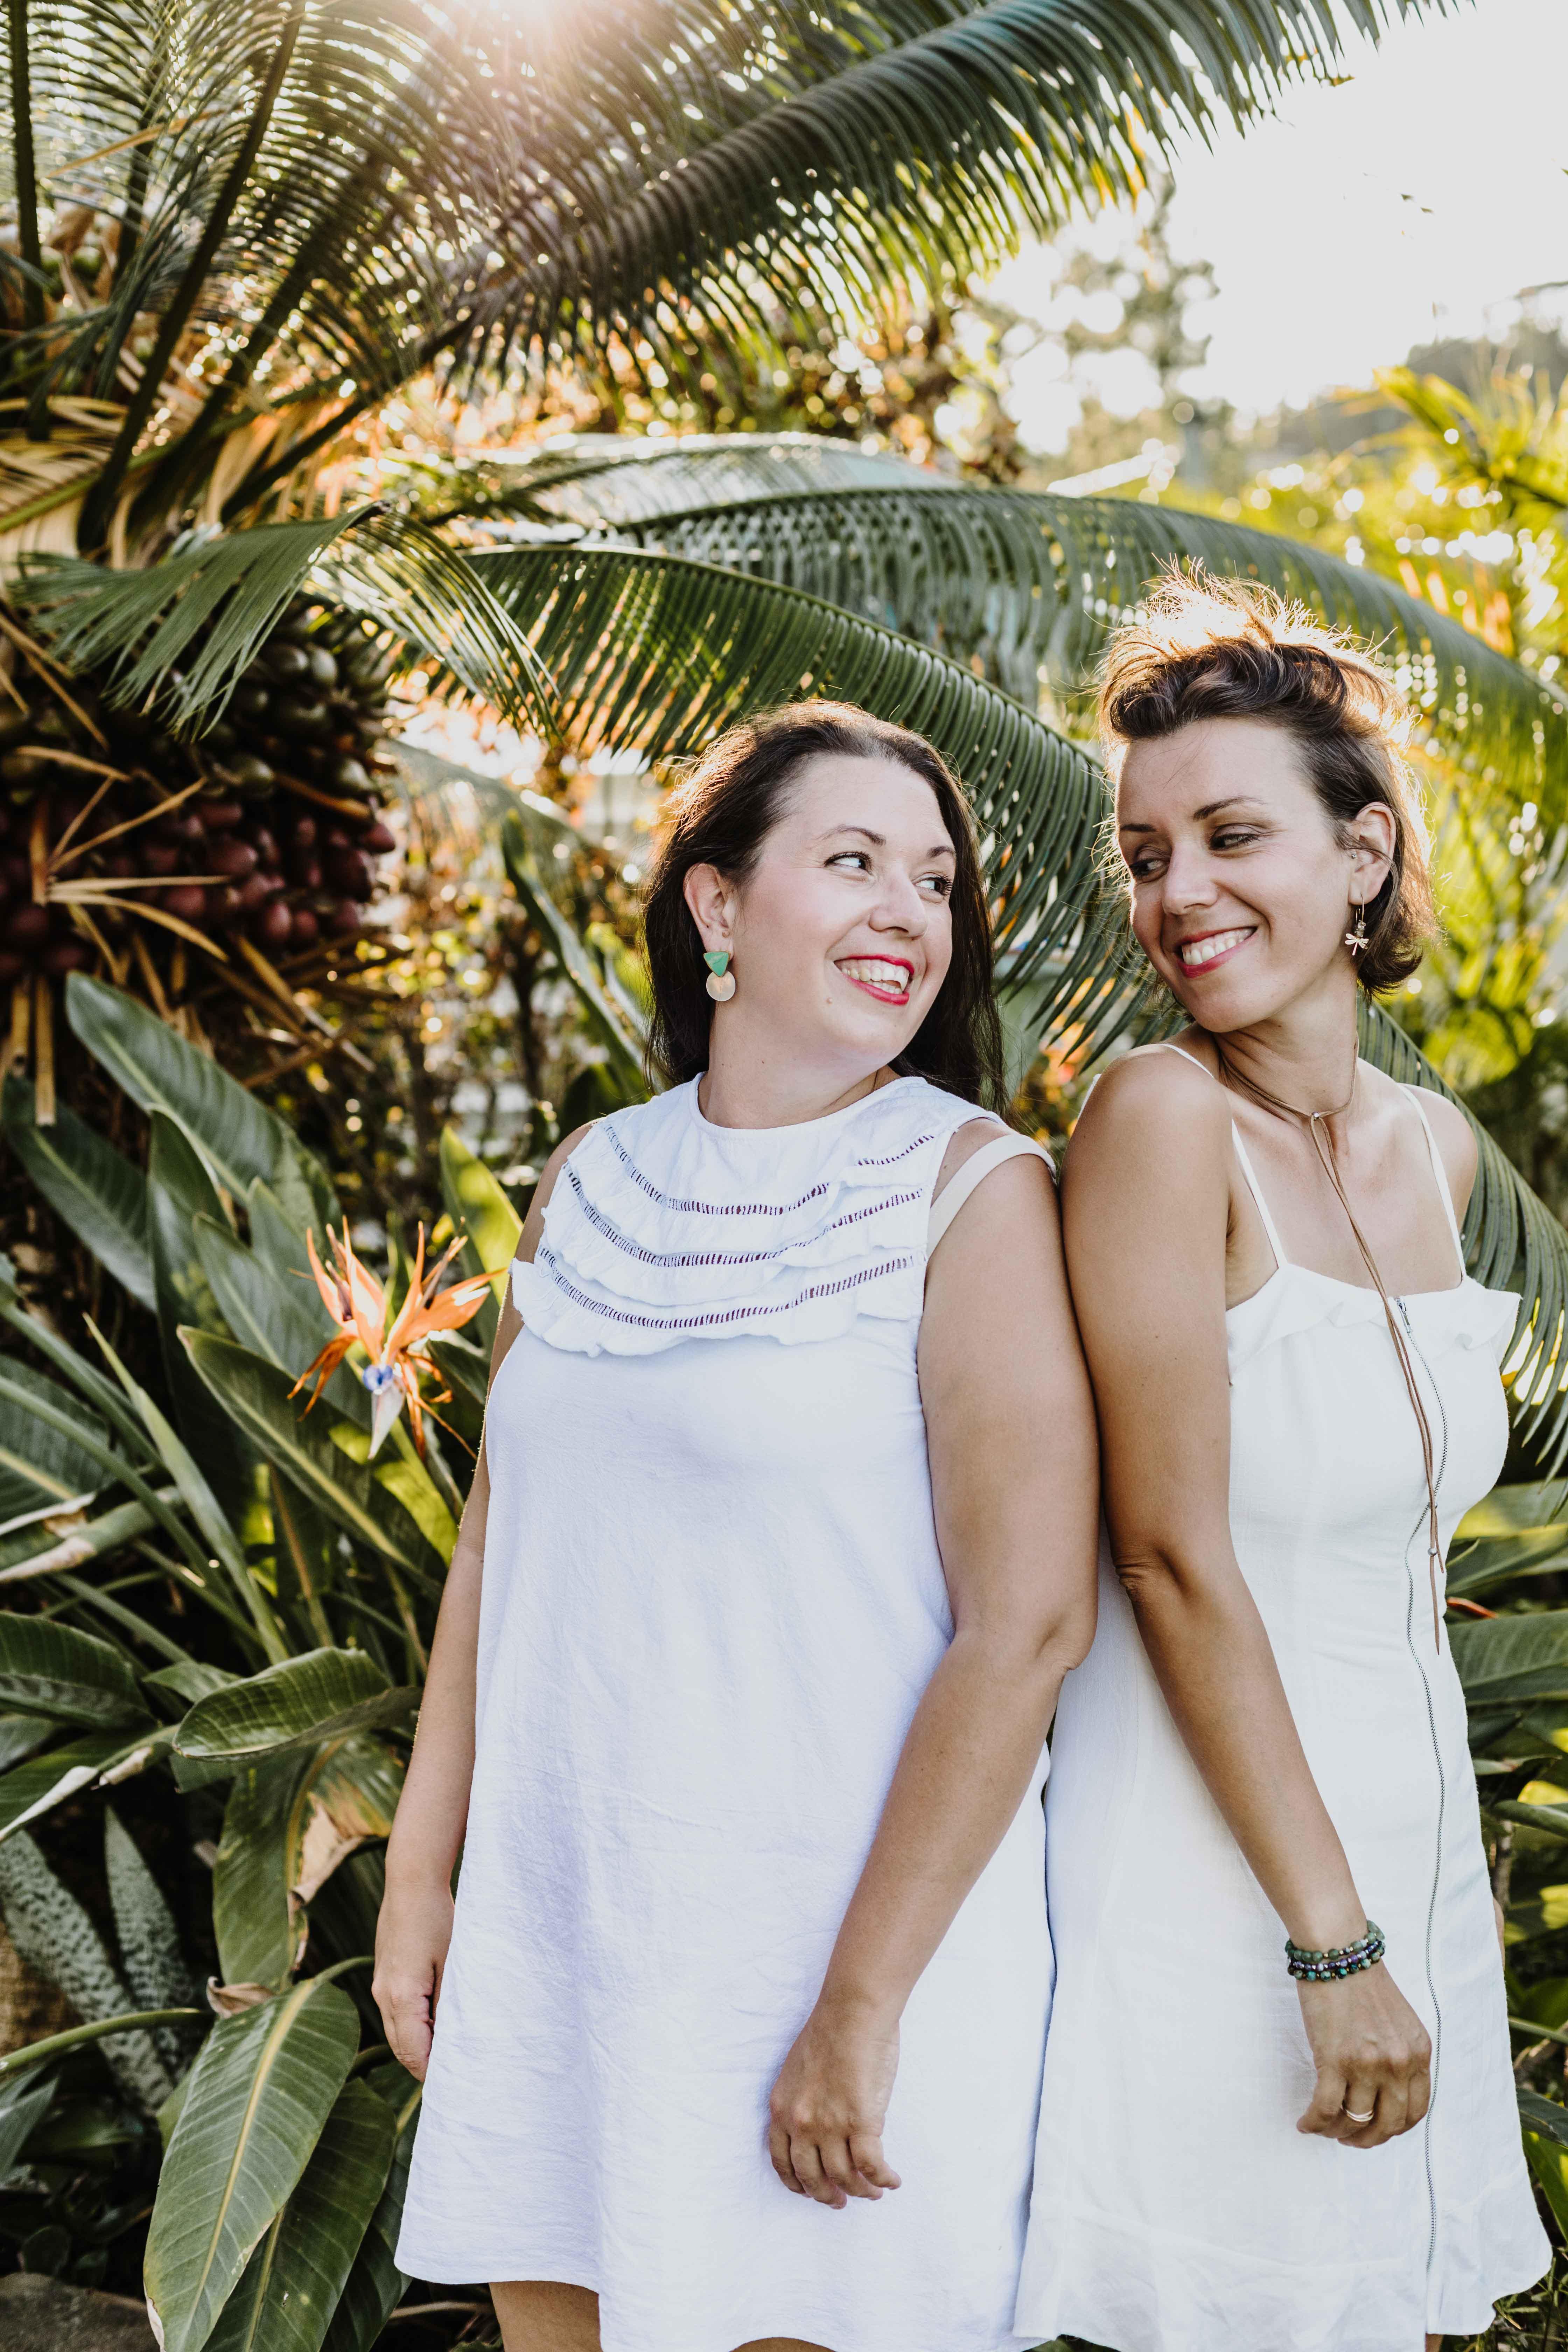 Deux soeurs habillées de blanc se regardent lors d'une séance photo à Nouméa, Nouvelle-Calédonie, France. Végétation tropicale et coucher de soleil.